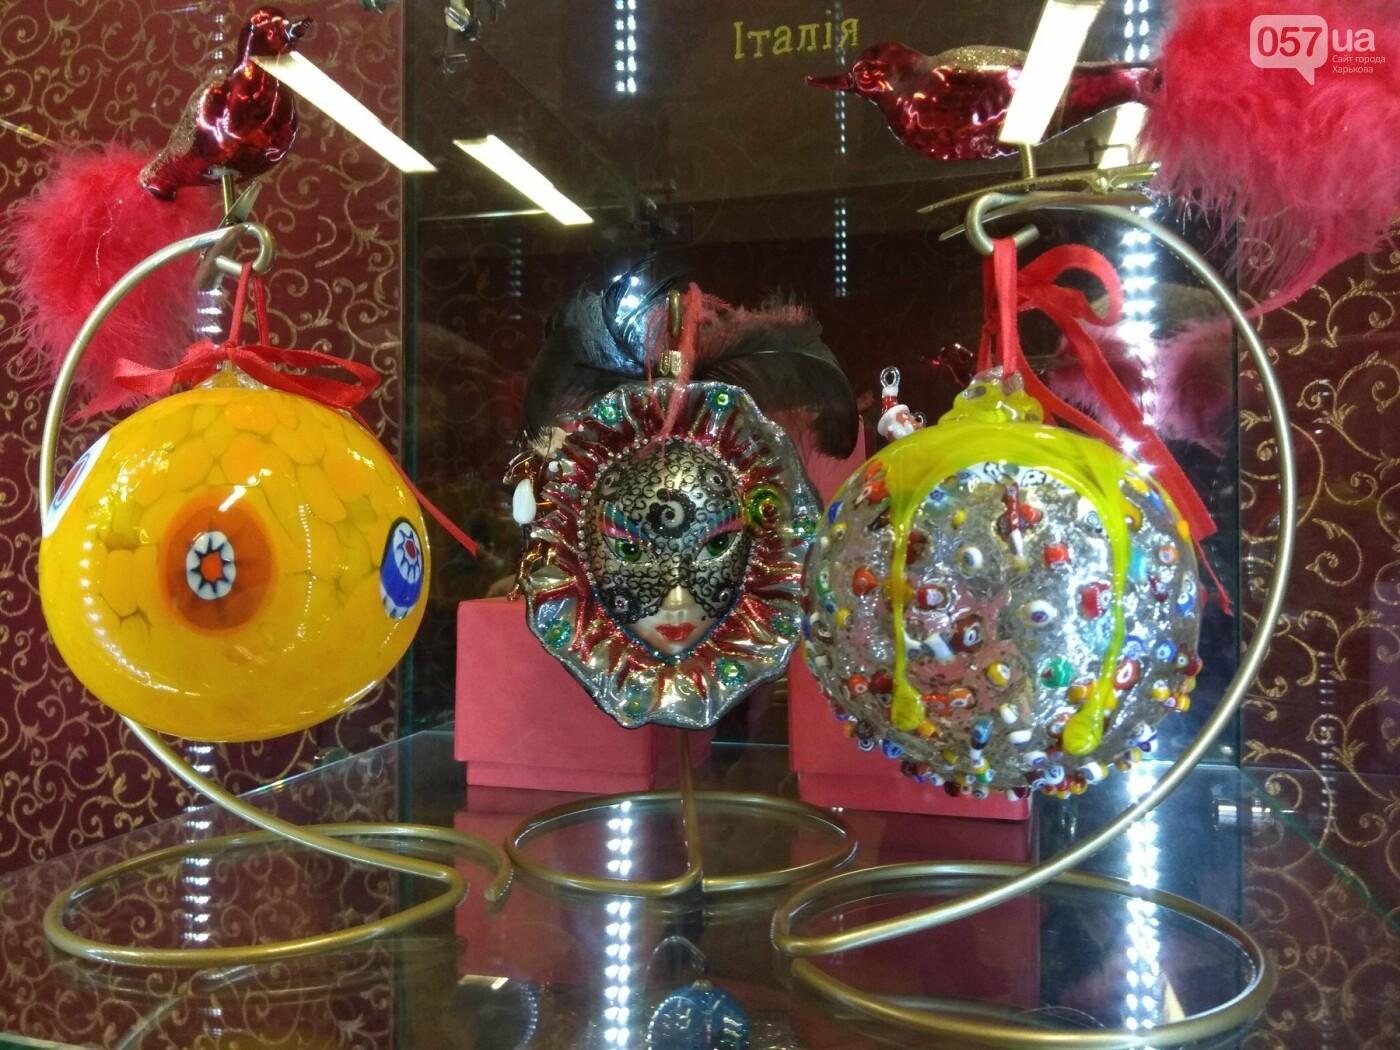 Фабрика елочных игрушек под Киевом. Куда харьковчане могут поехать на выходных, - ФОТО, фото-30